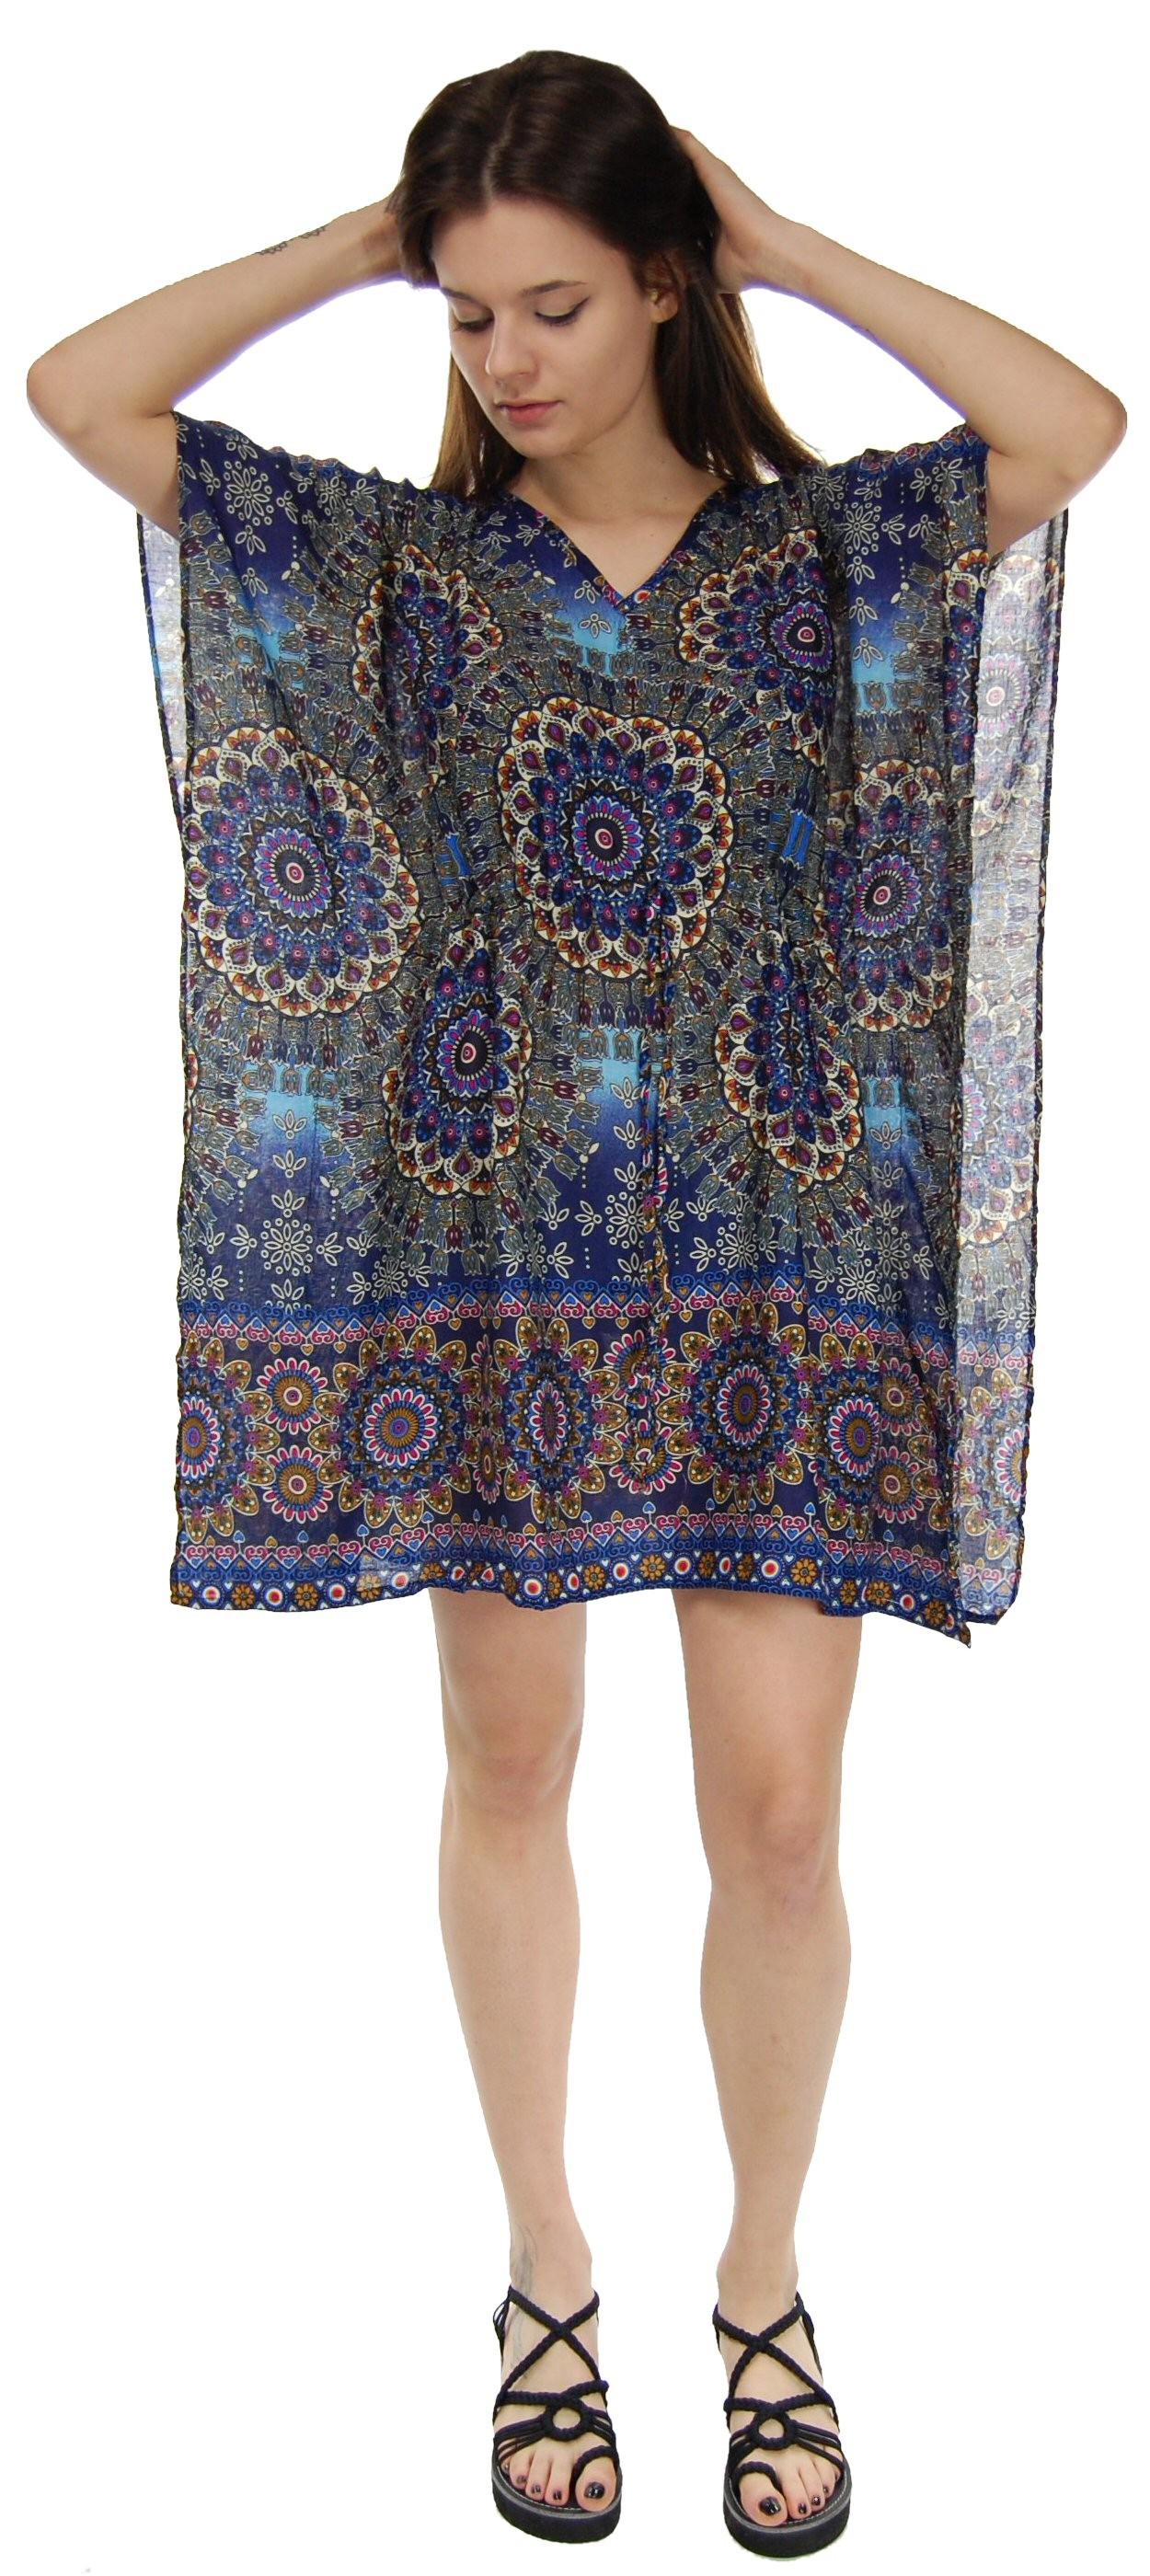 VISCOSE - SUMMER CLOTHING AB-BCV09BD - com Etnika Slog d.o.o.